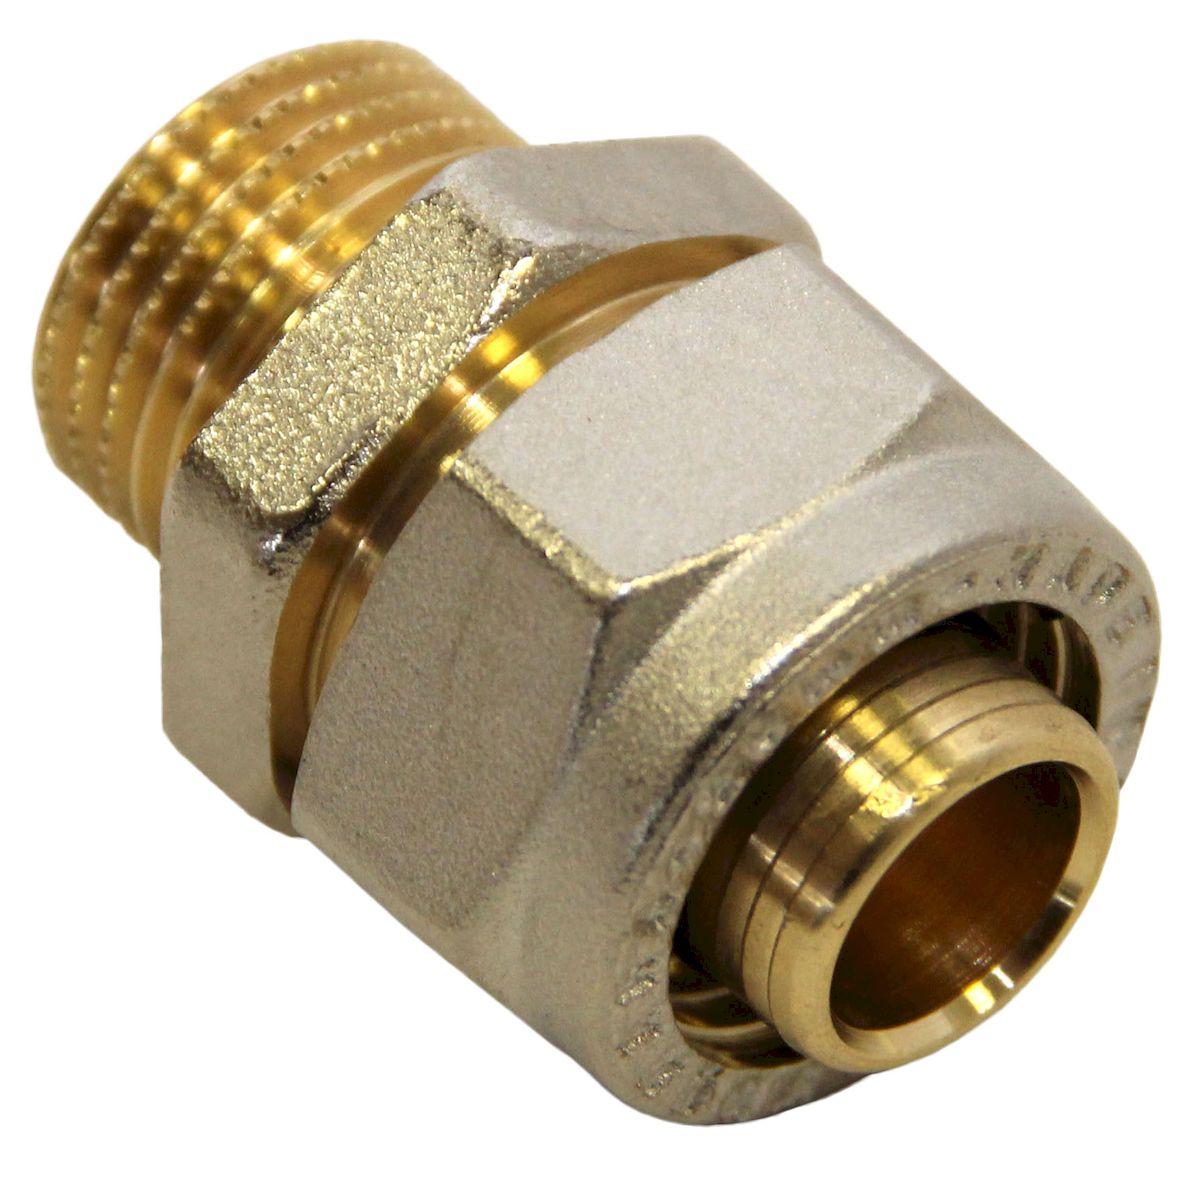 Соединитель Fornara, ц - ш, 20 x 1/2A200D-20IAСоединитель Fornara предназначен для соединения металлопластиковых труб с помощью разводного ключа. Соединение получается разъемным, что позволяет при необходимости заменять уплотнительные кольца, а также производить обслуживание участка трубопровода.